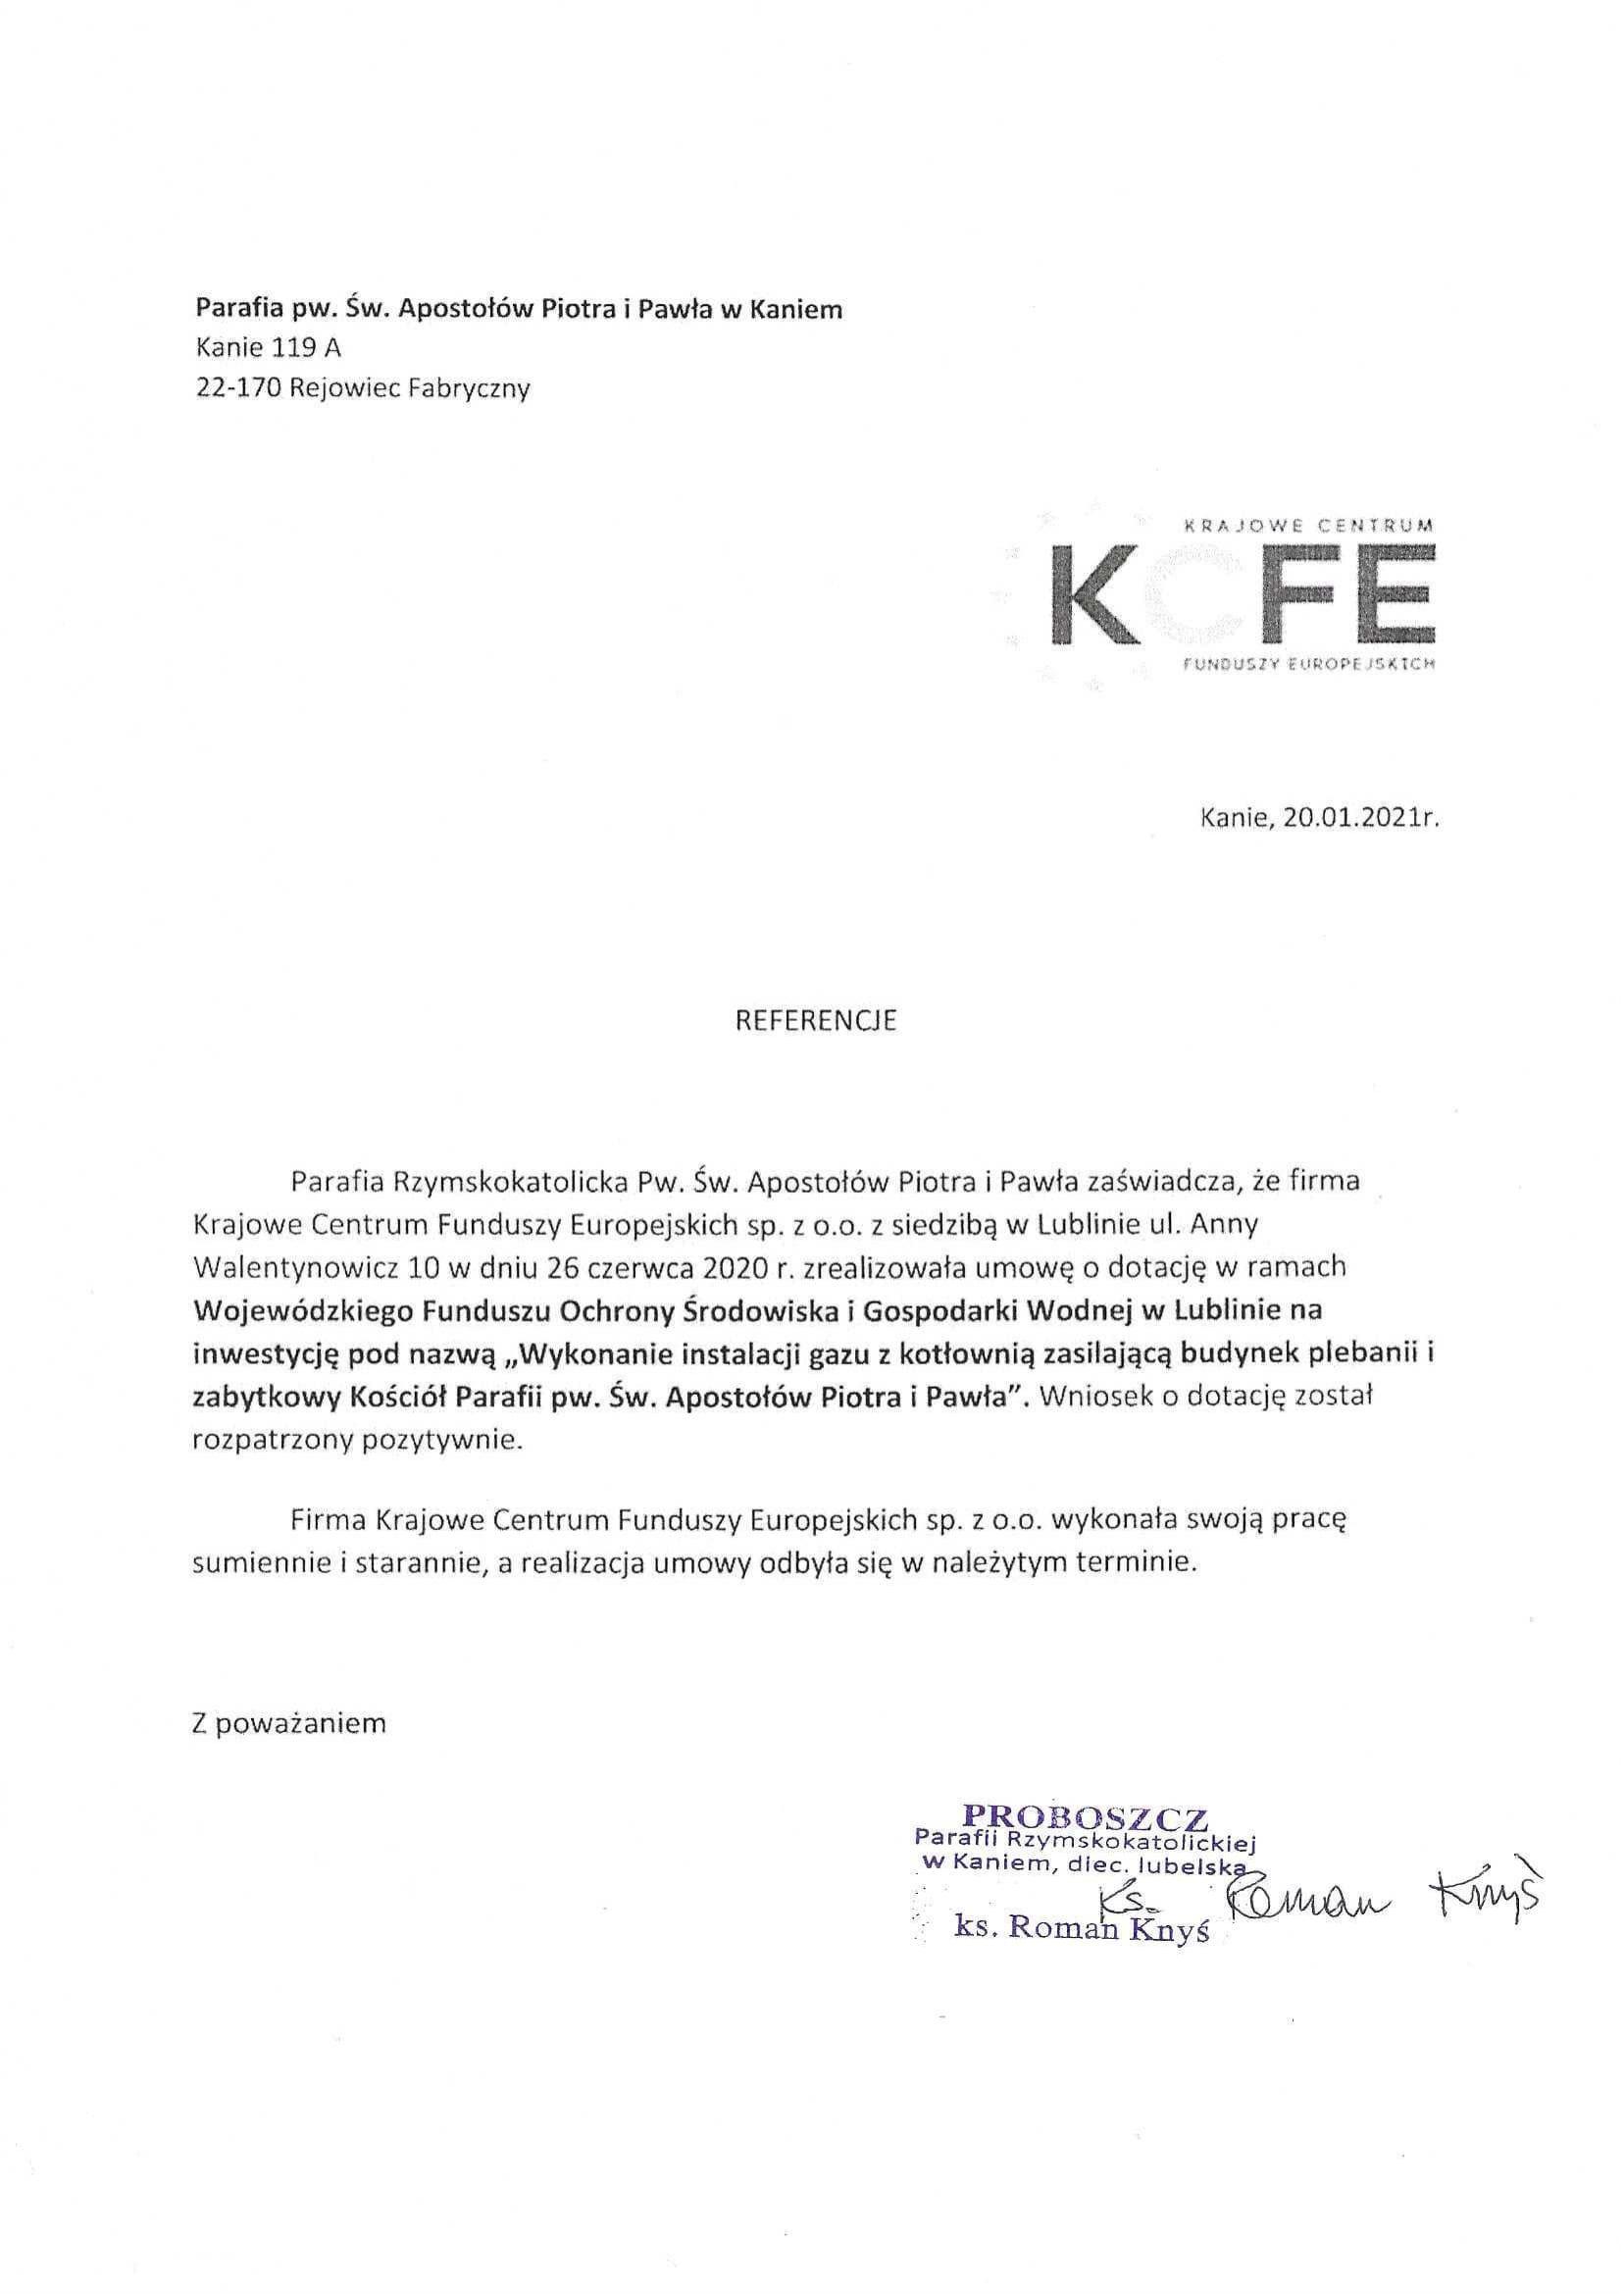 Referencje Parafia w Kaniem - instalacja gazowa 20.01.2021 JPG